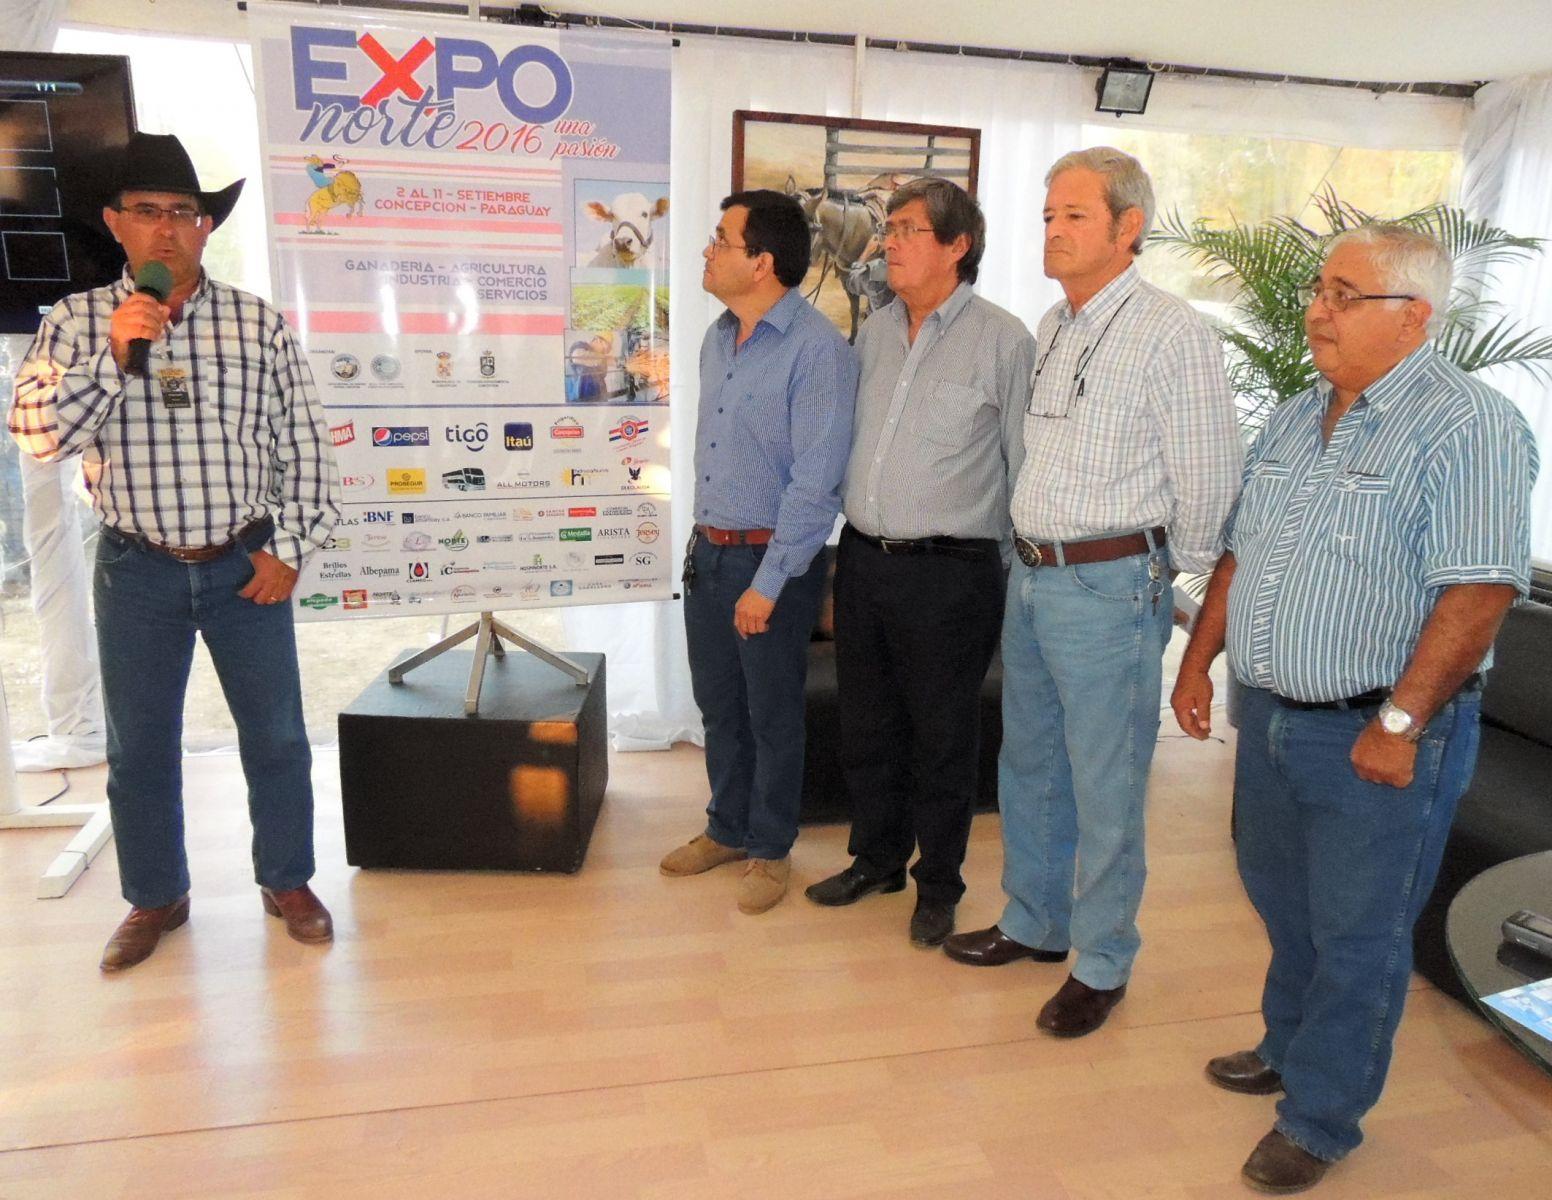 Cuenta regresiva para la Expo Norte, la más importante y concurrida del interior del país